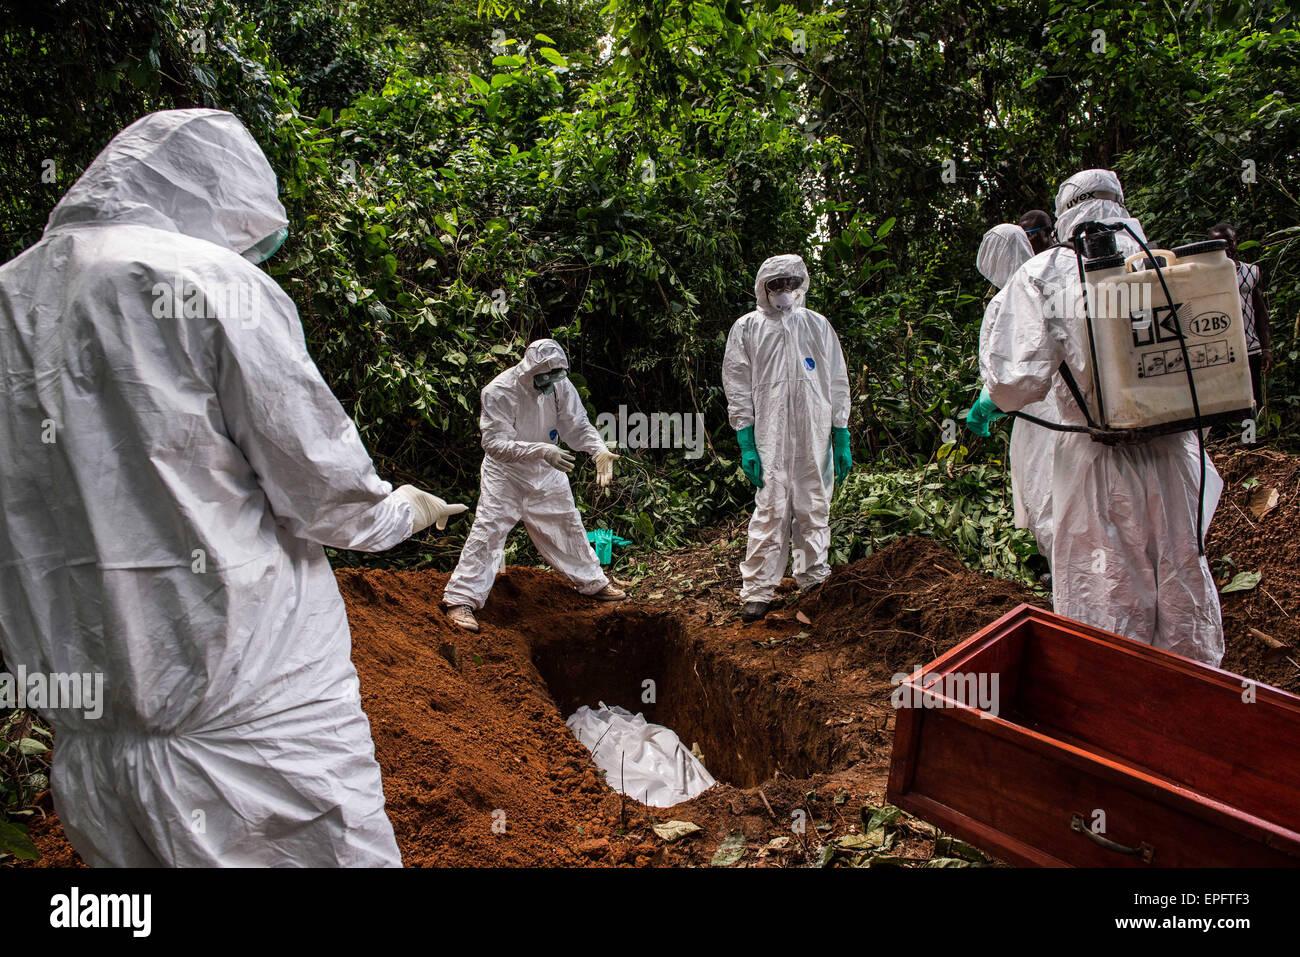 Un présumé victime d'Ebola est enterré dans la forêt à l'extérieur de Komende Photo Stock